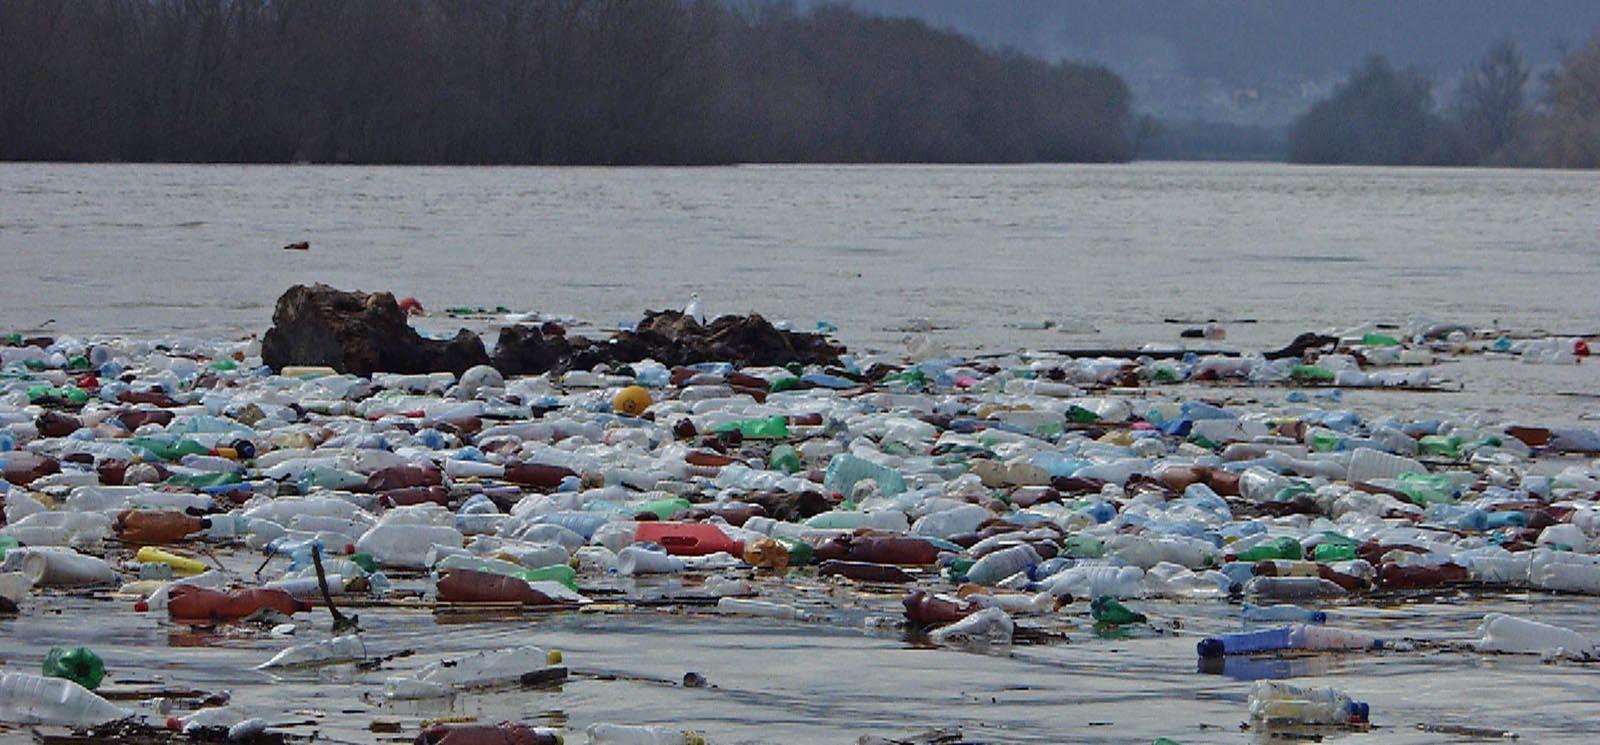 Descoperirea şi recunoaşterea formelor specifice de poluare a apei, solului şi aerului